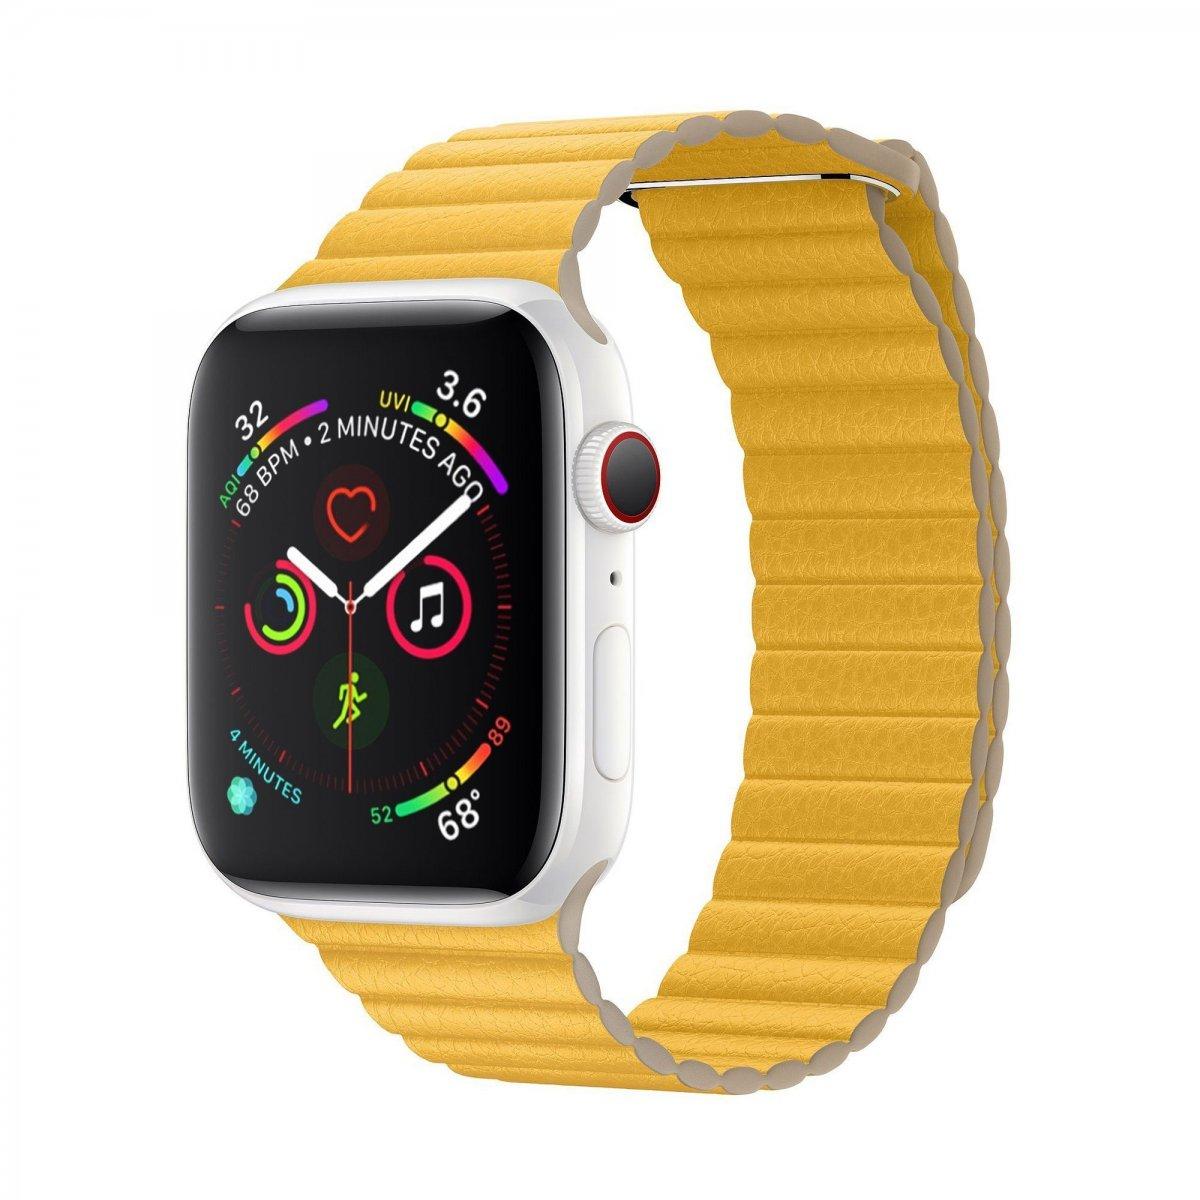 Řemínek Leather Loop na Apple Watch Series 3/2/1 (38mm) - Žlutý